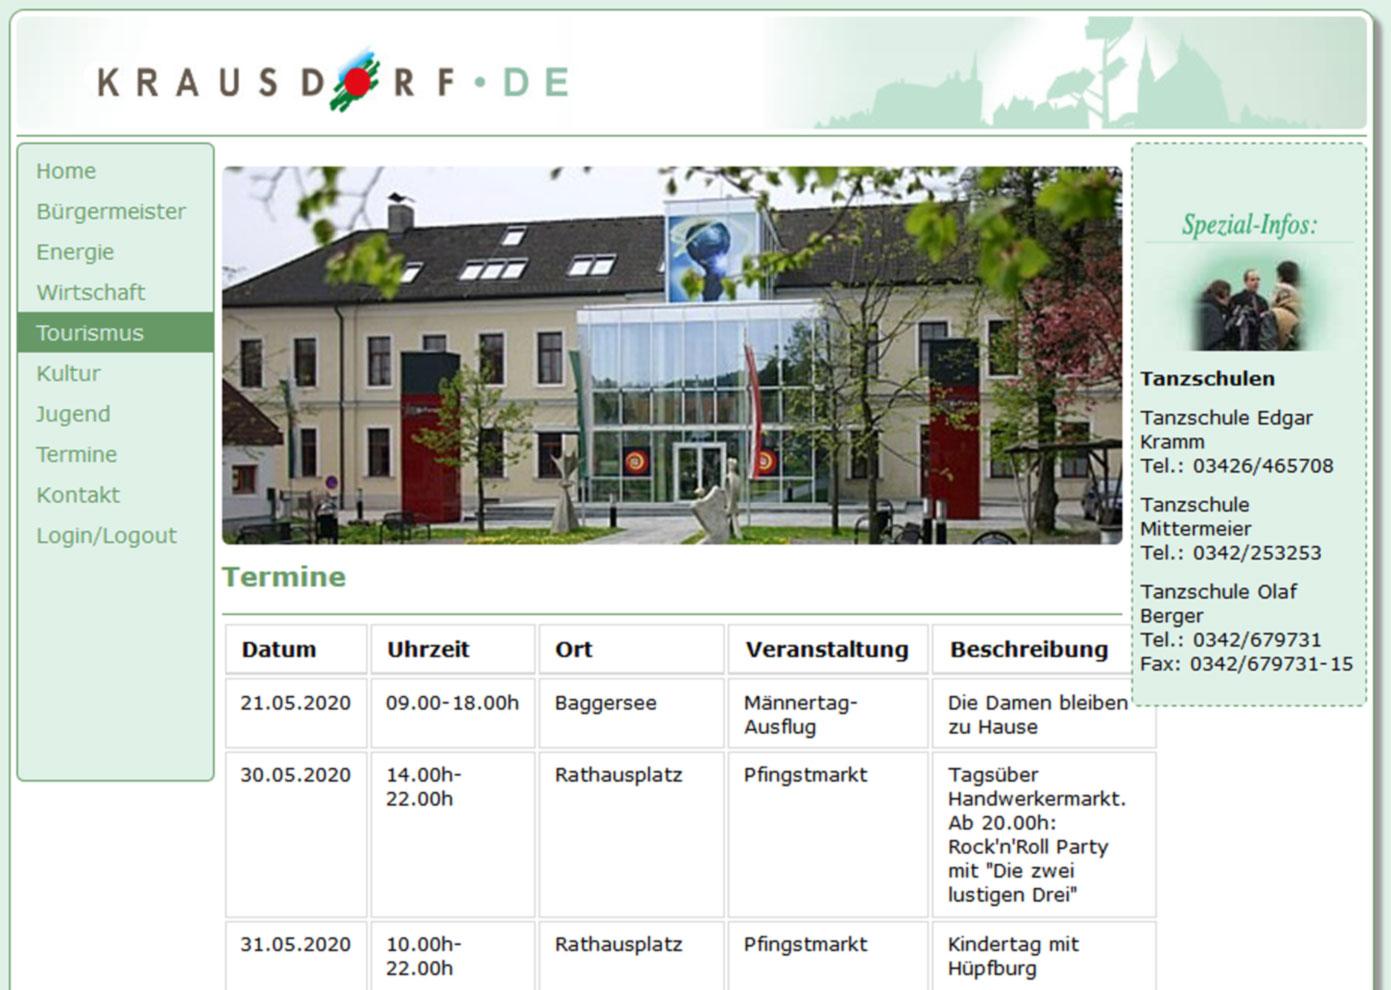 Krausdorf_08